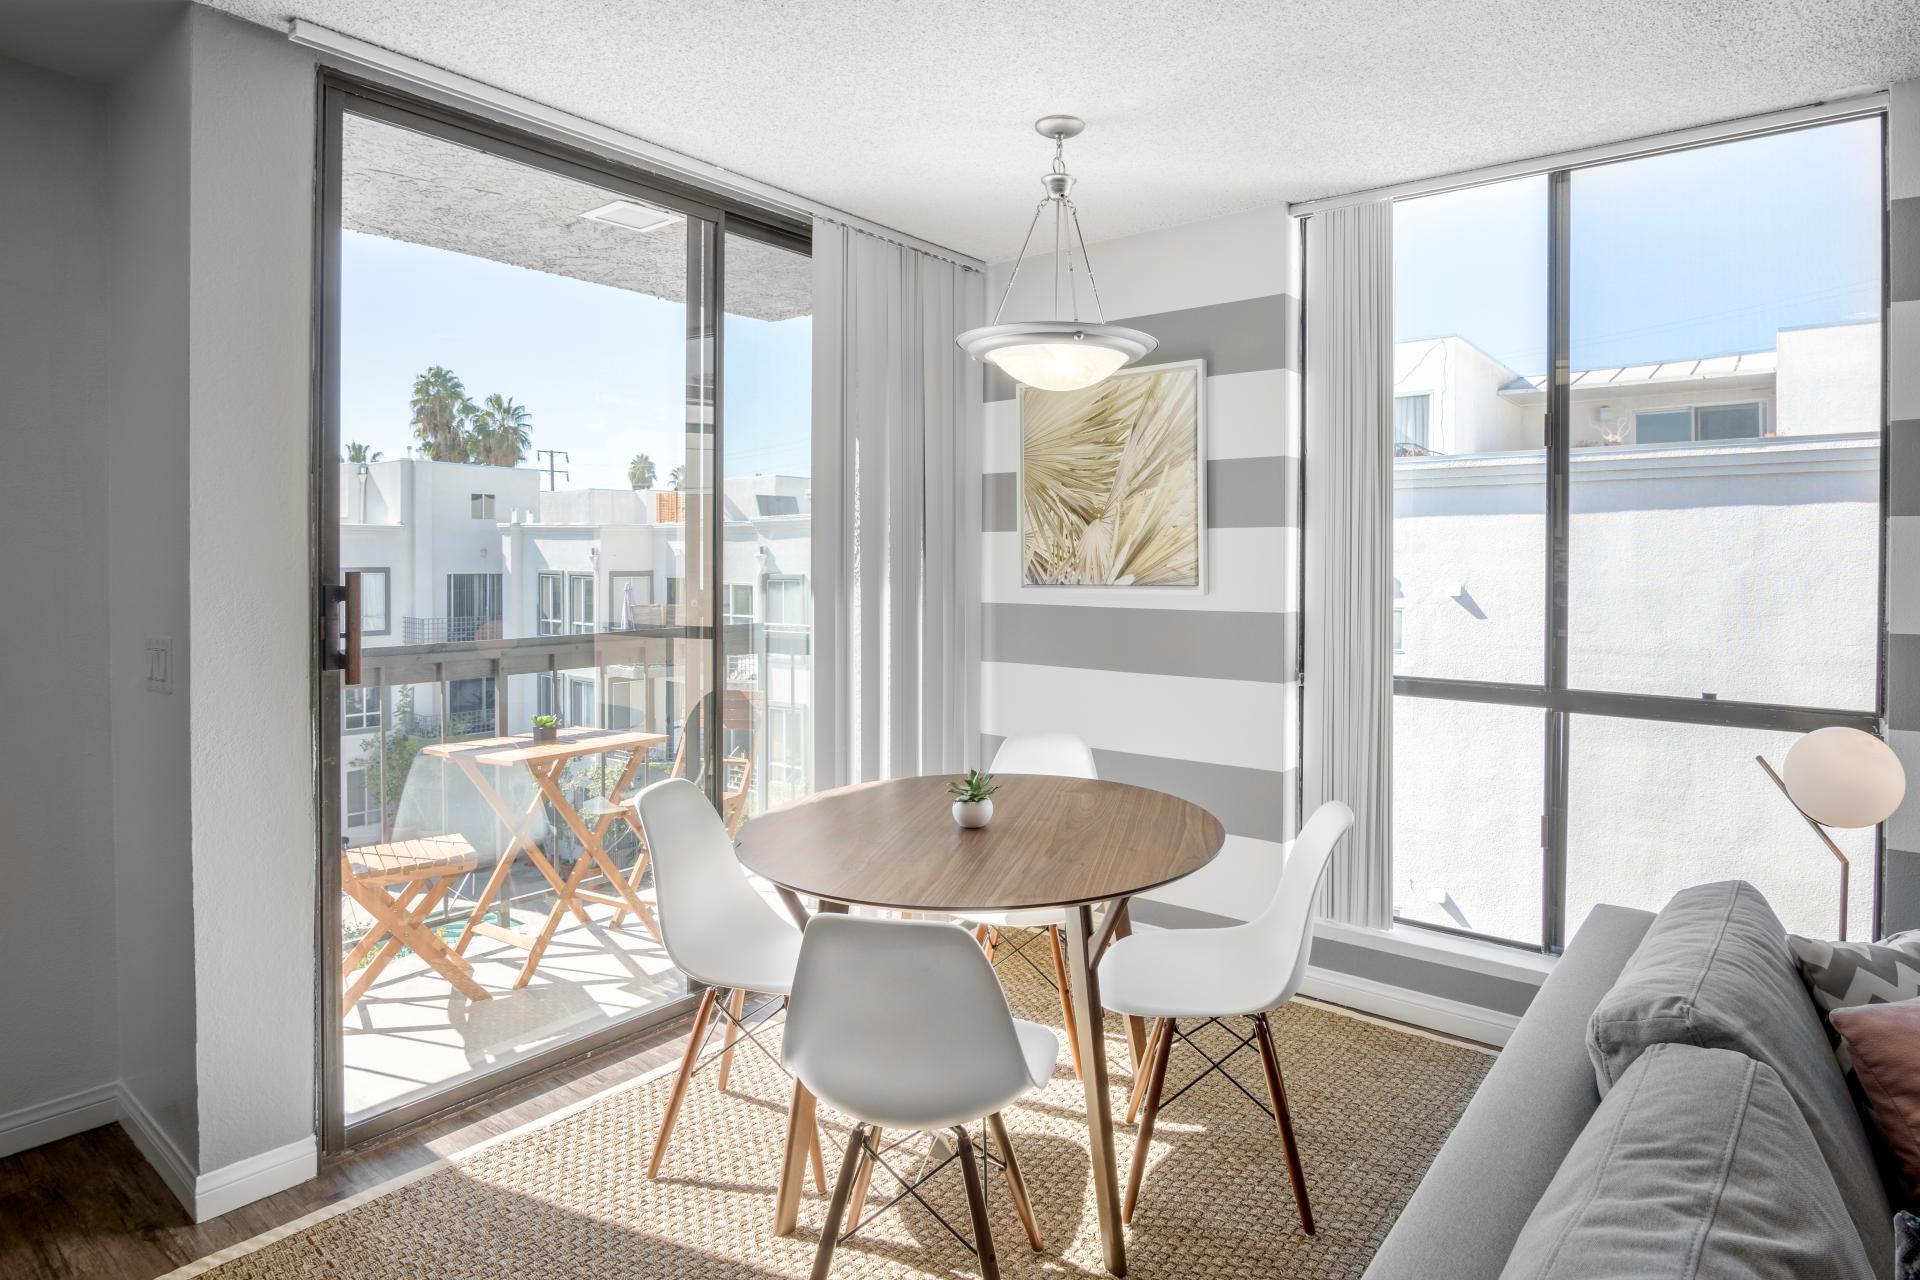 Home - Bespoke Residential Interiors.